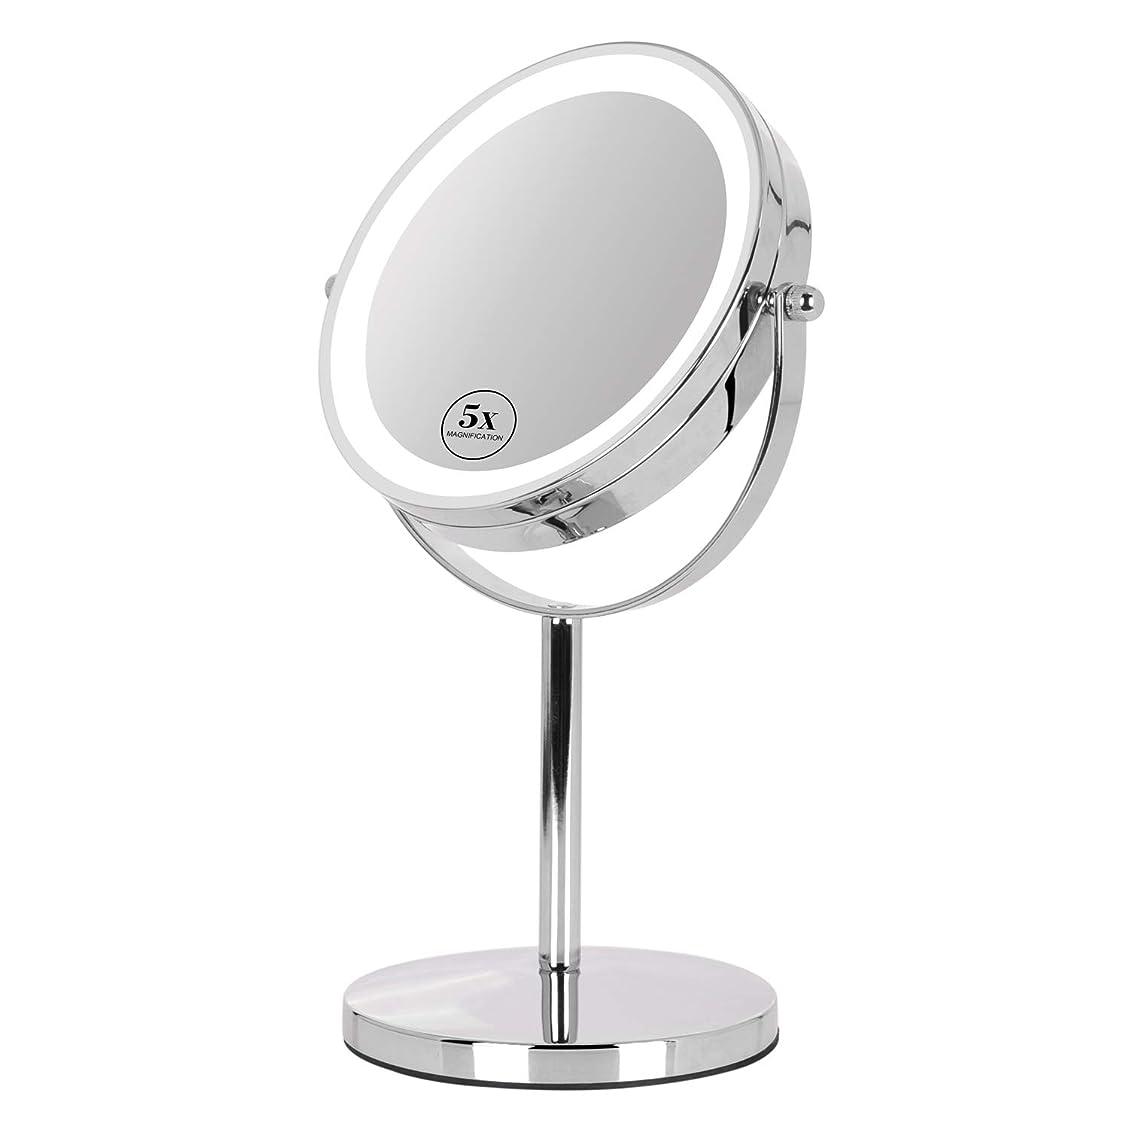 オーディション中級く卓上ミラー 鏡 化粧鏡 LED付き 真実の両面鏡DX 5倍拡大鏡 360度回転 卓上鏡 鏡面Φ165mm